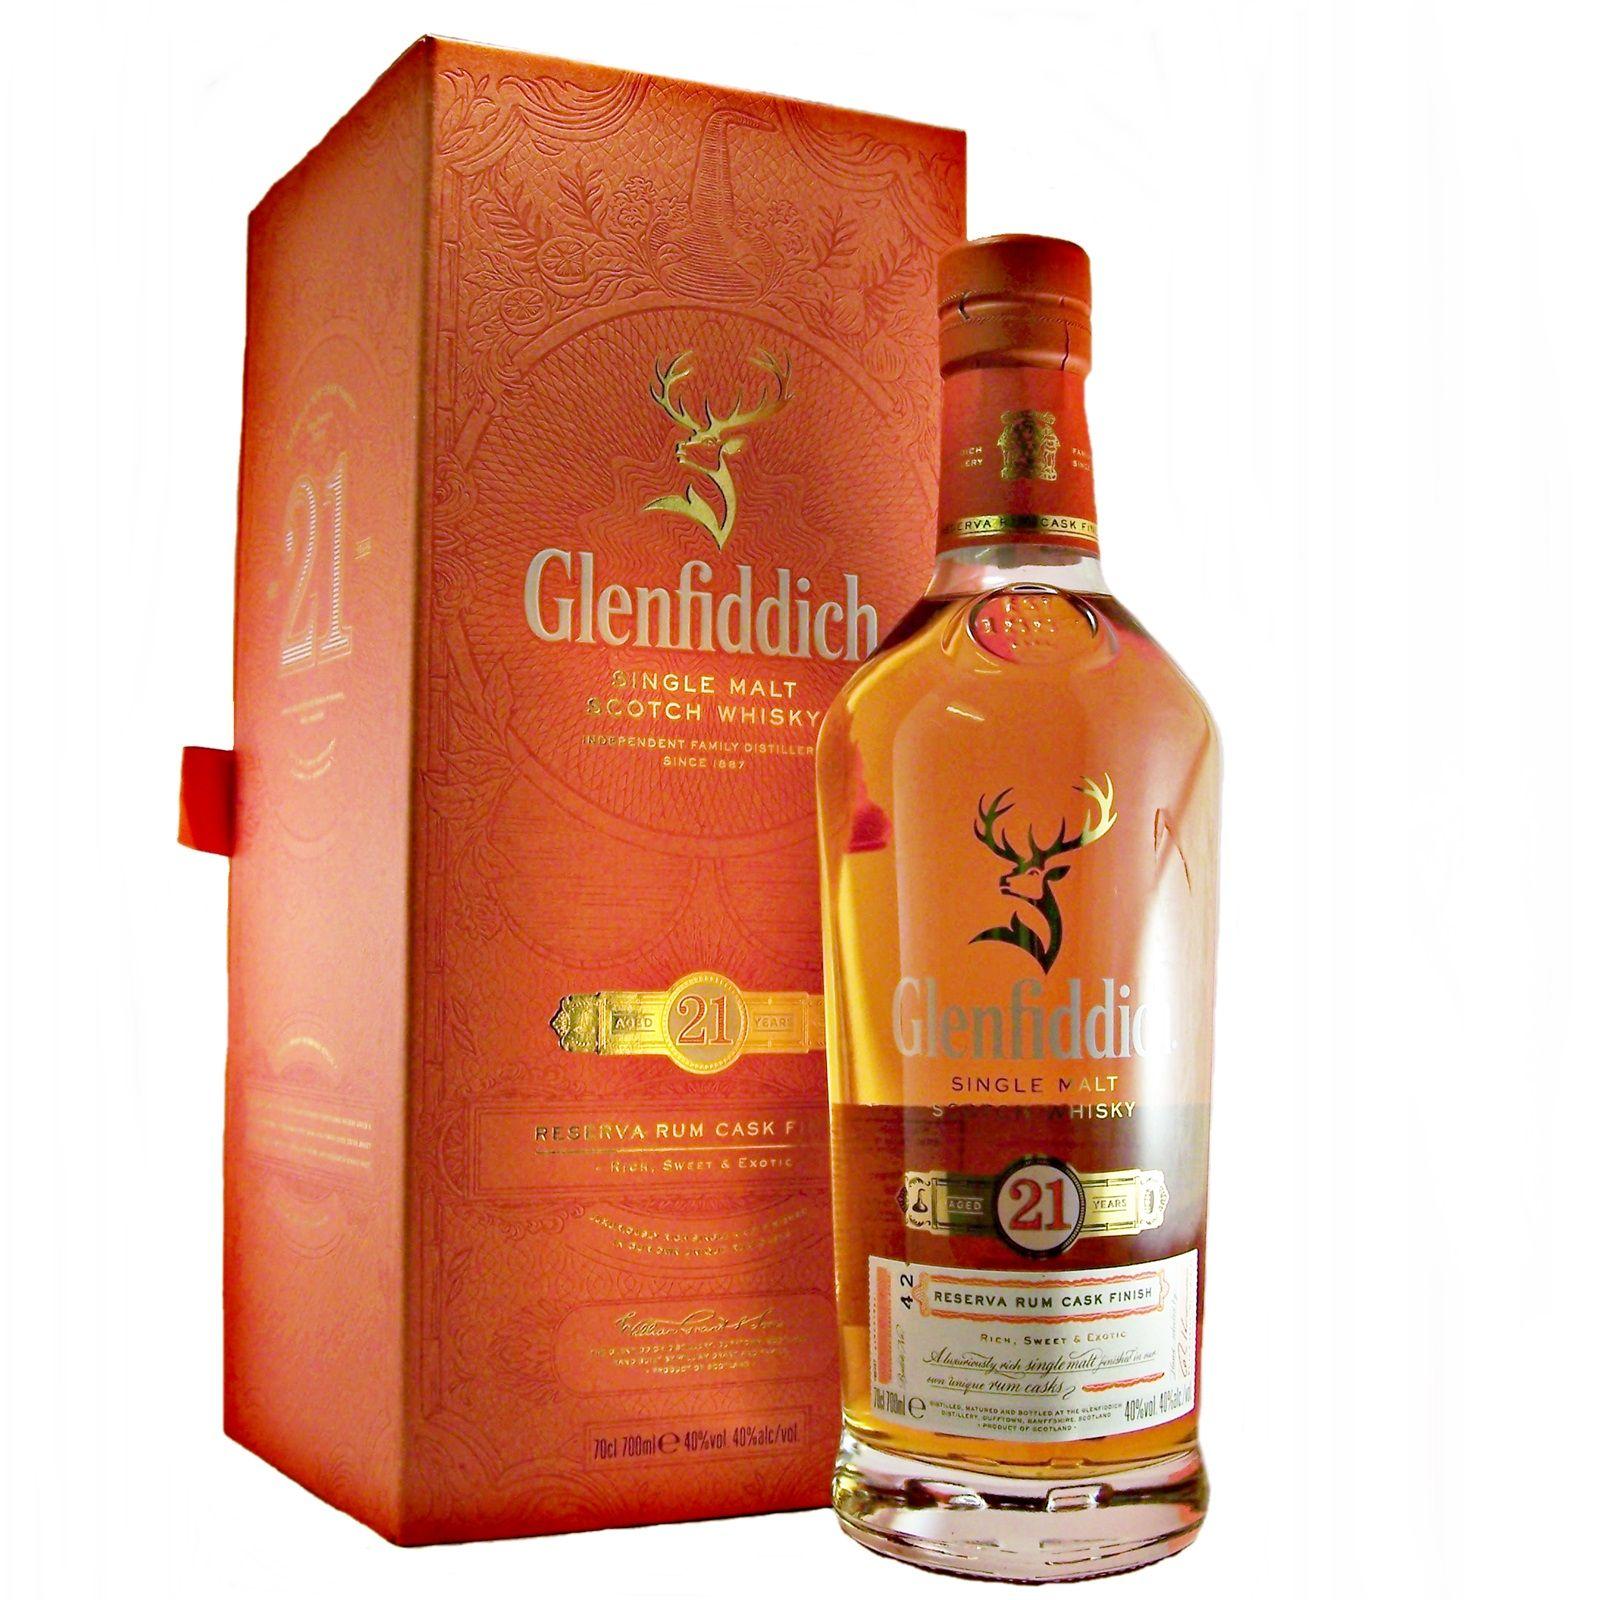 Glenfiddich 21 Year Old Reserva Rum Cask Finish Whisky Malt Whisky Single Malt Whisky